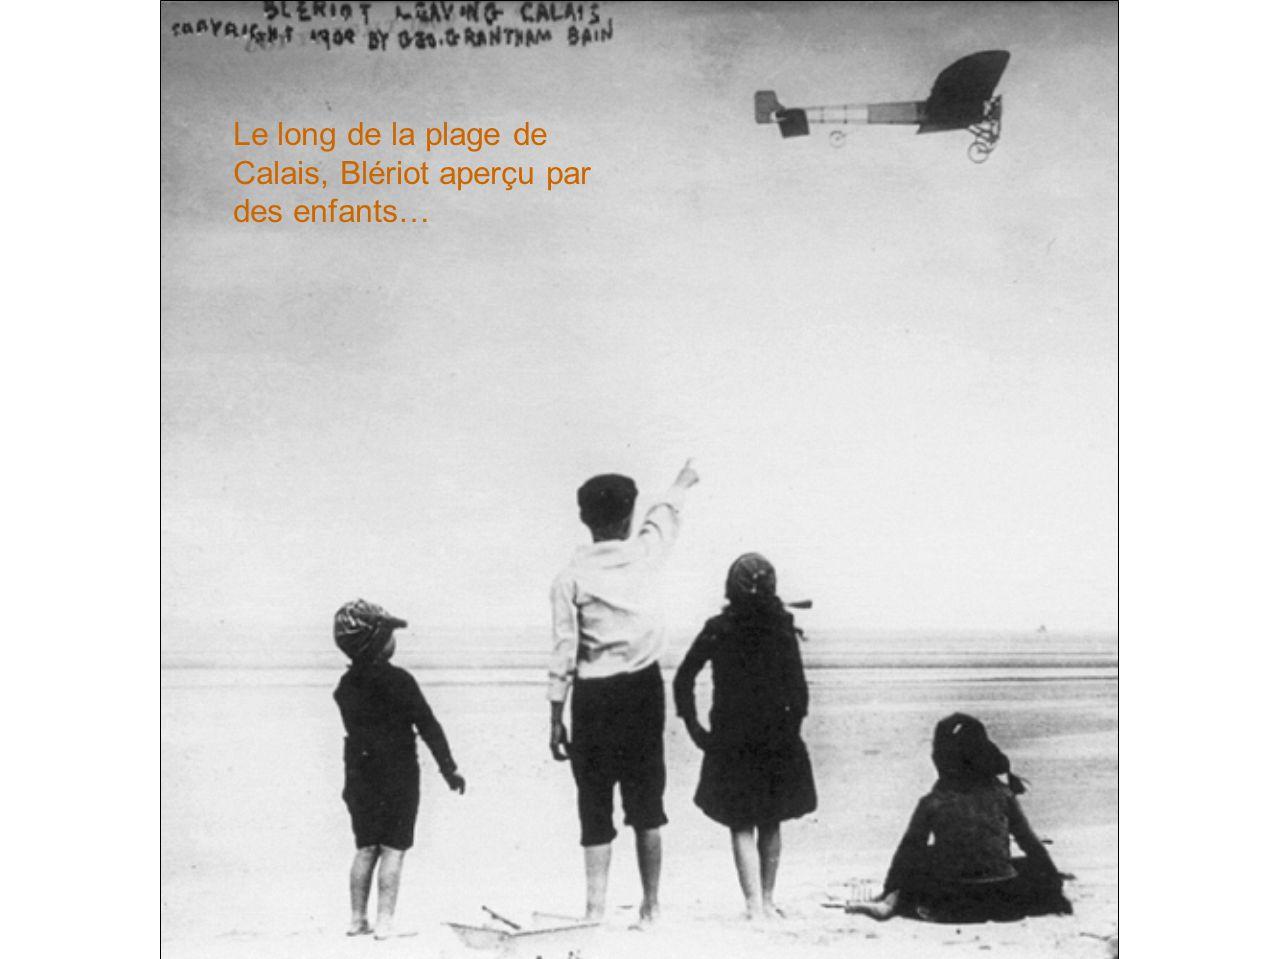 Le long de la plage de Calais, Blériot aperçu par des enfants…